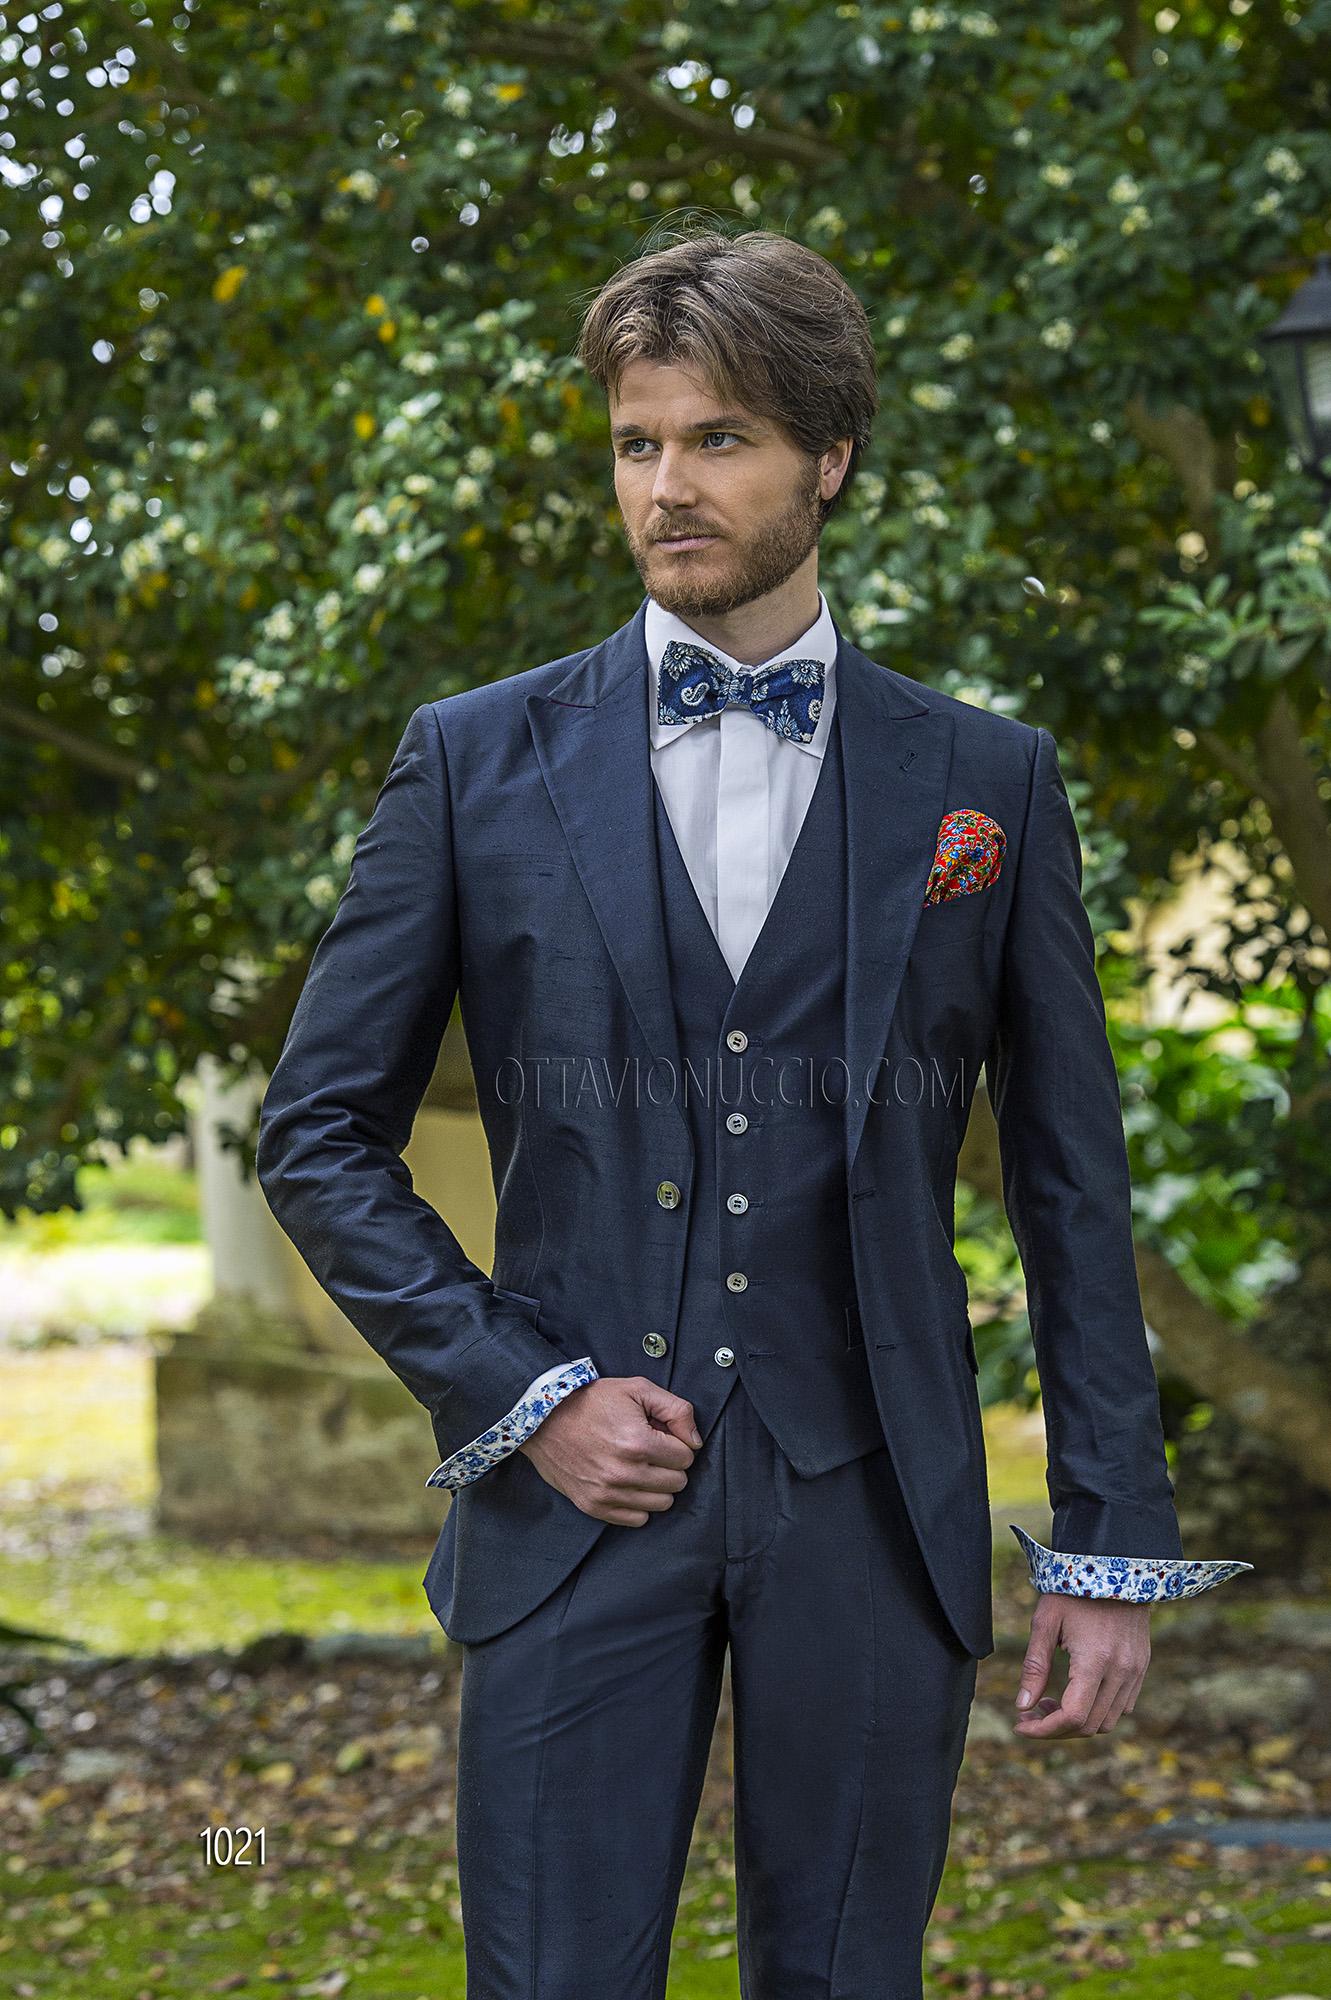 Hochzeitsanzug blau mit fliege strenge anz ge foto blog 2017 for Hochzeitsanzug fliege